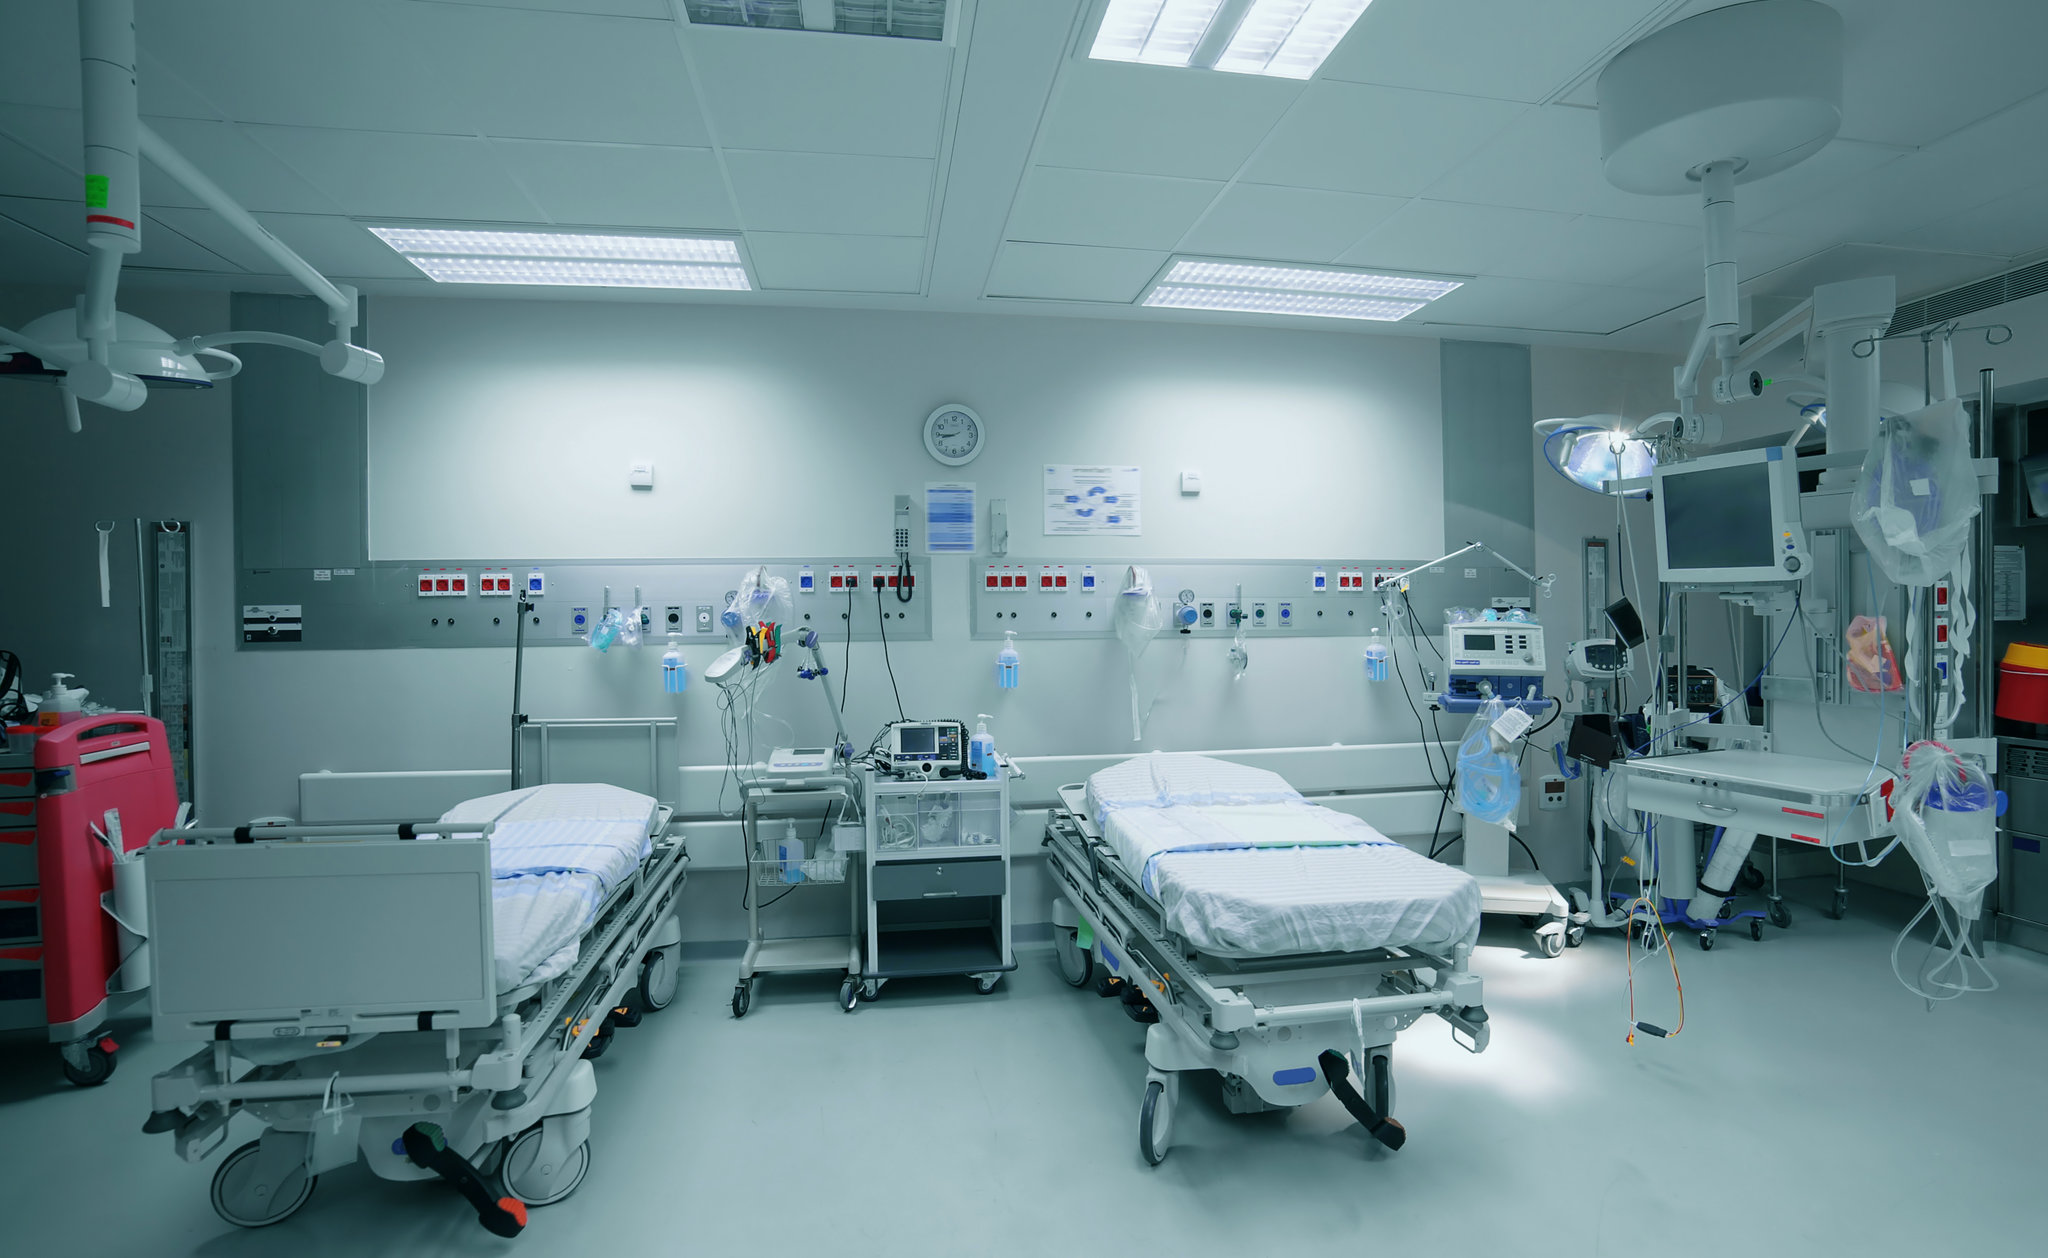 لیست بیمارستان های پذیرش کننده بیماران مبتلا به کرونا اعلام شد